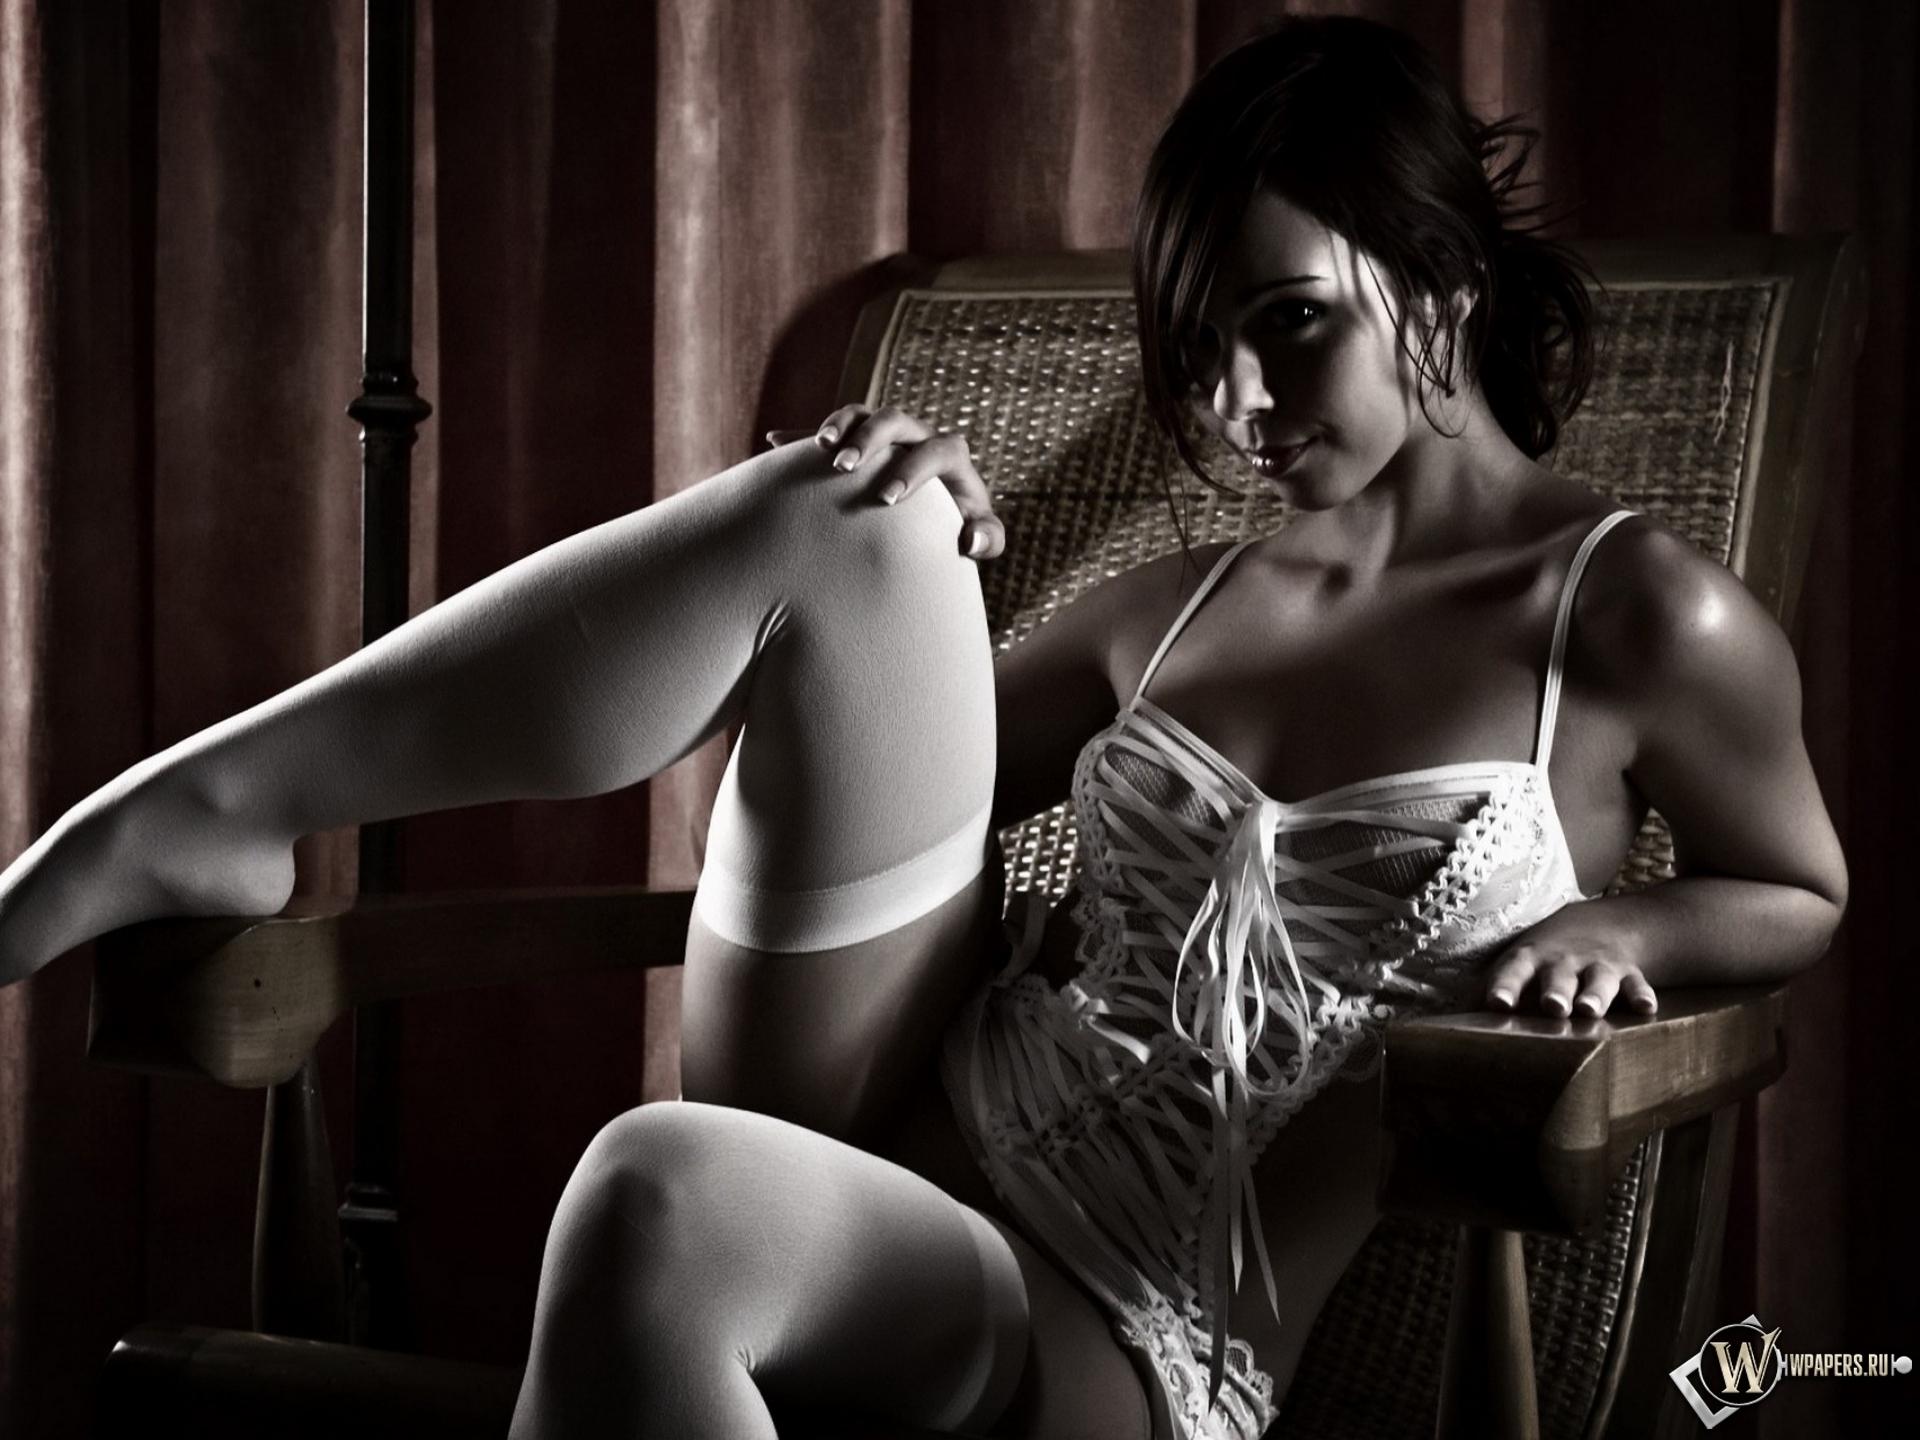 Девушки,фото,эротика,красивые фото обнаженных, совсем голых девушек